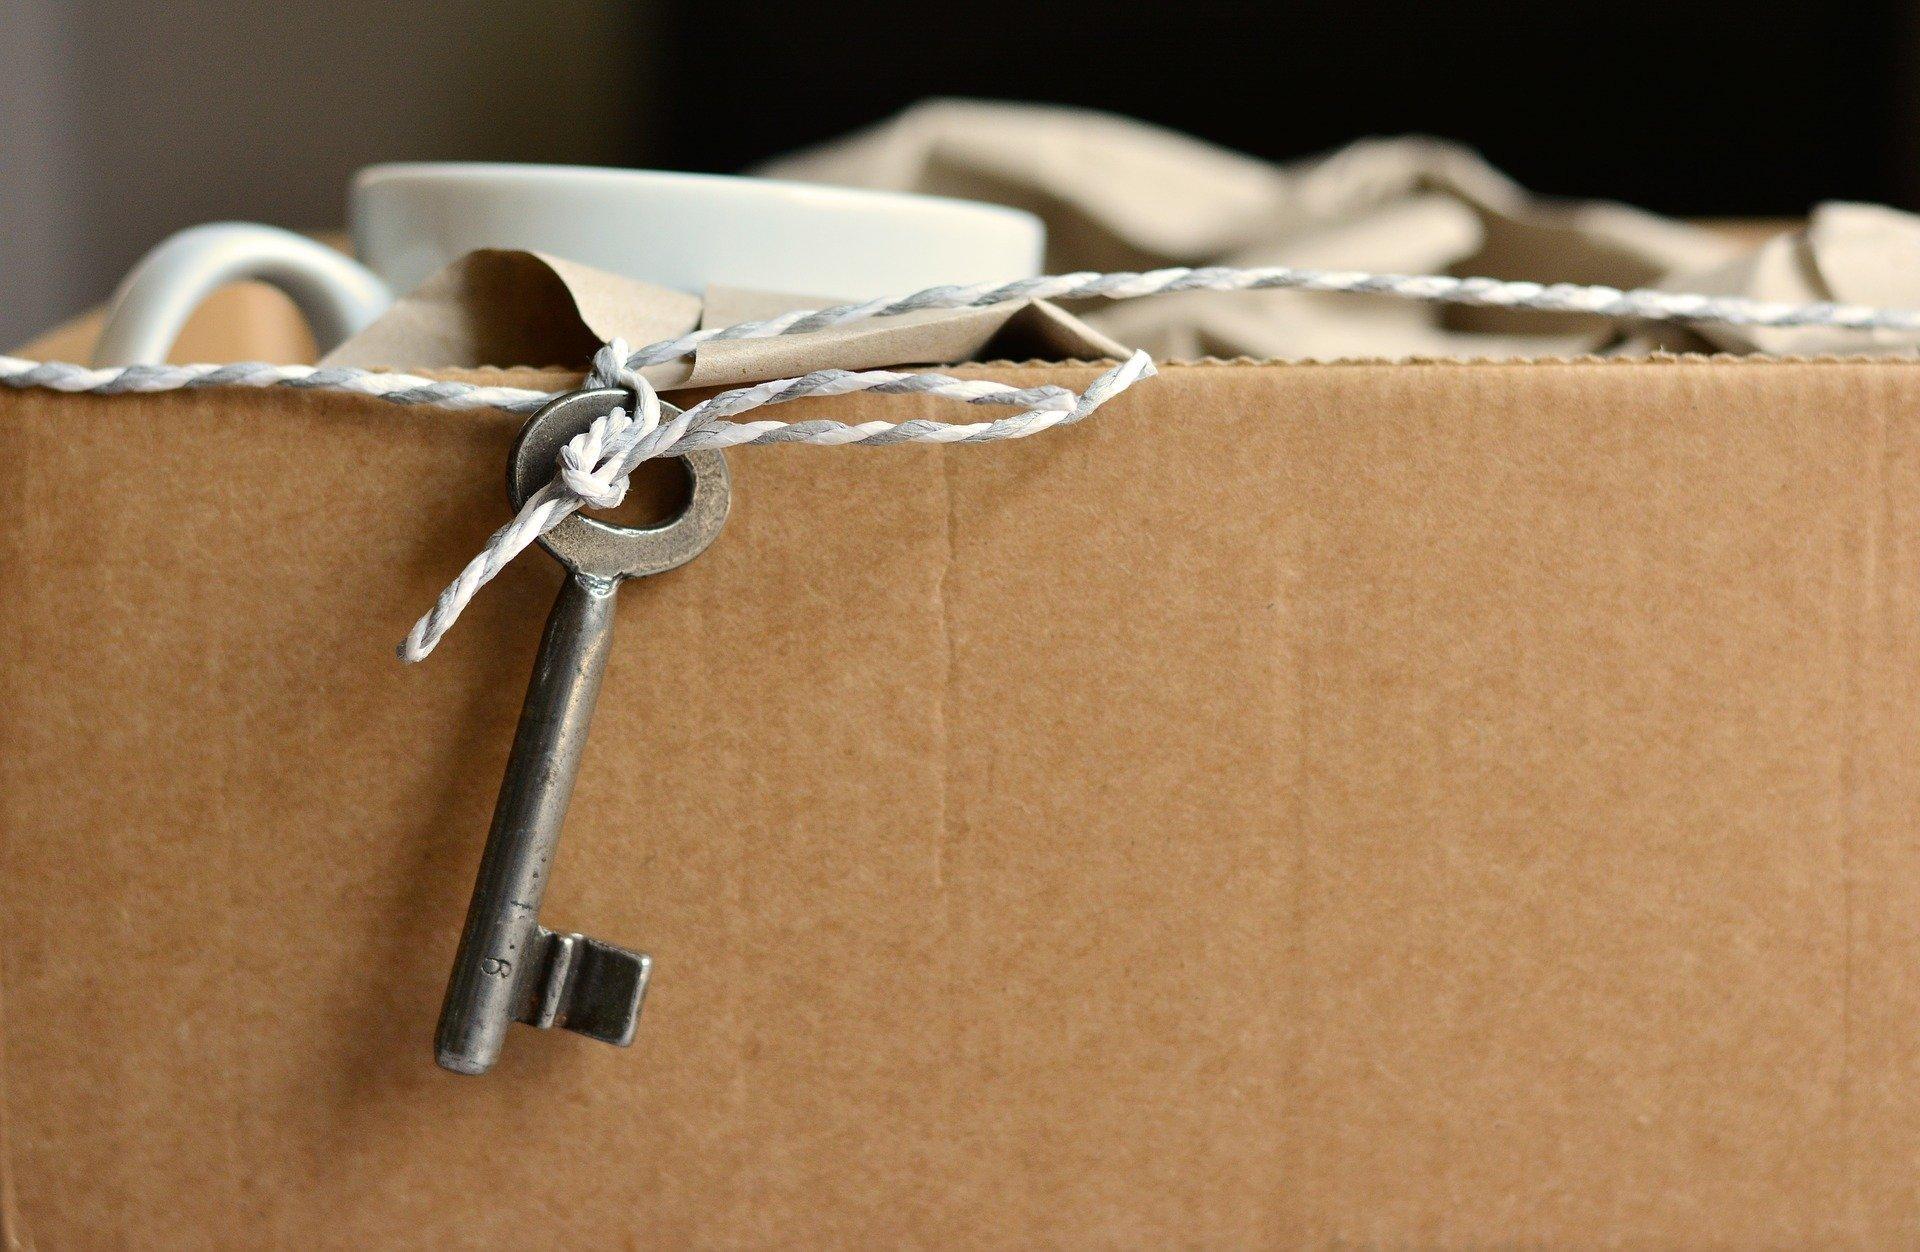 Karton und Schlüssel